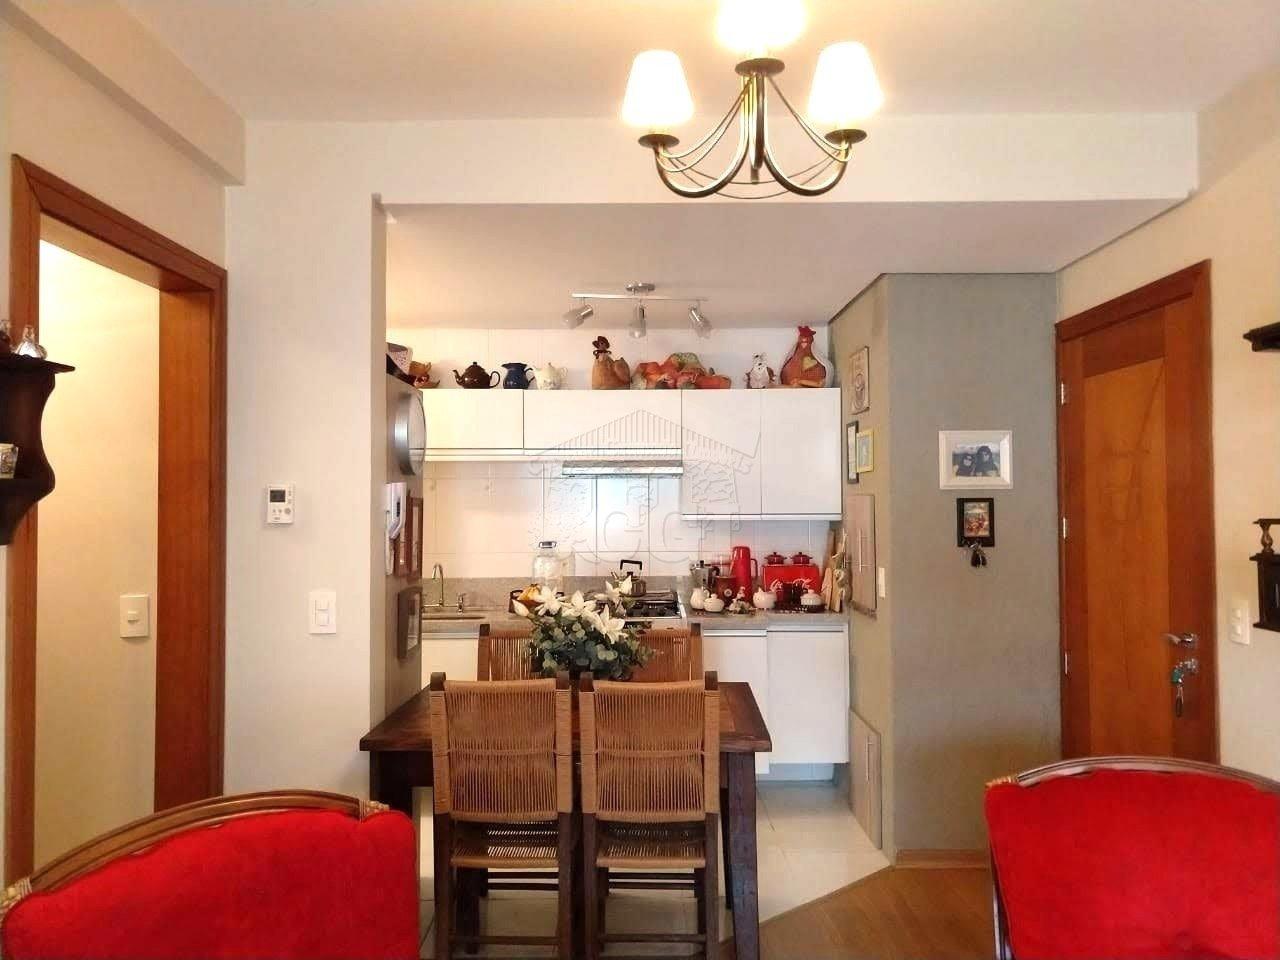 Apartamento com 1 Dormitórios à venda, 81 m² por R$ 644.000,00